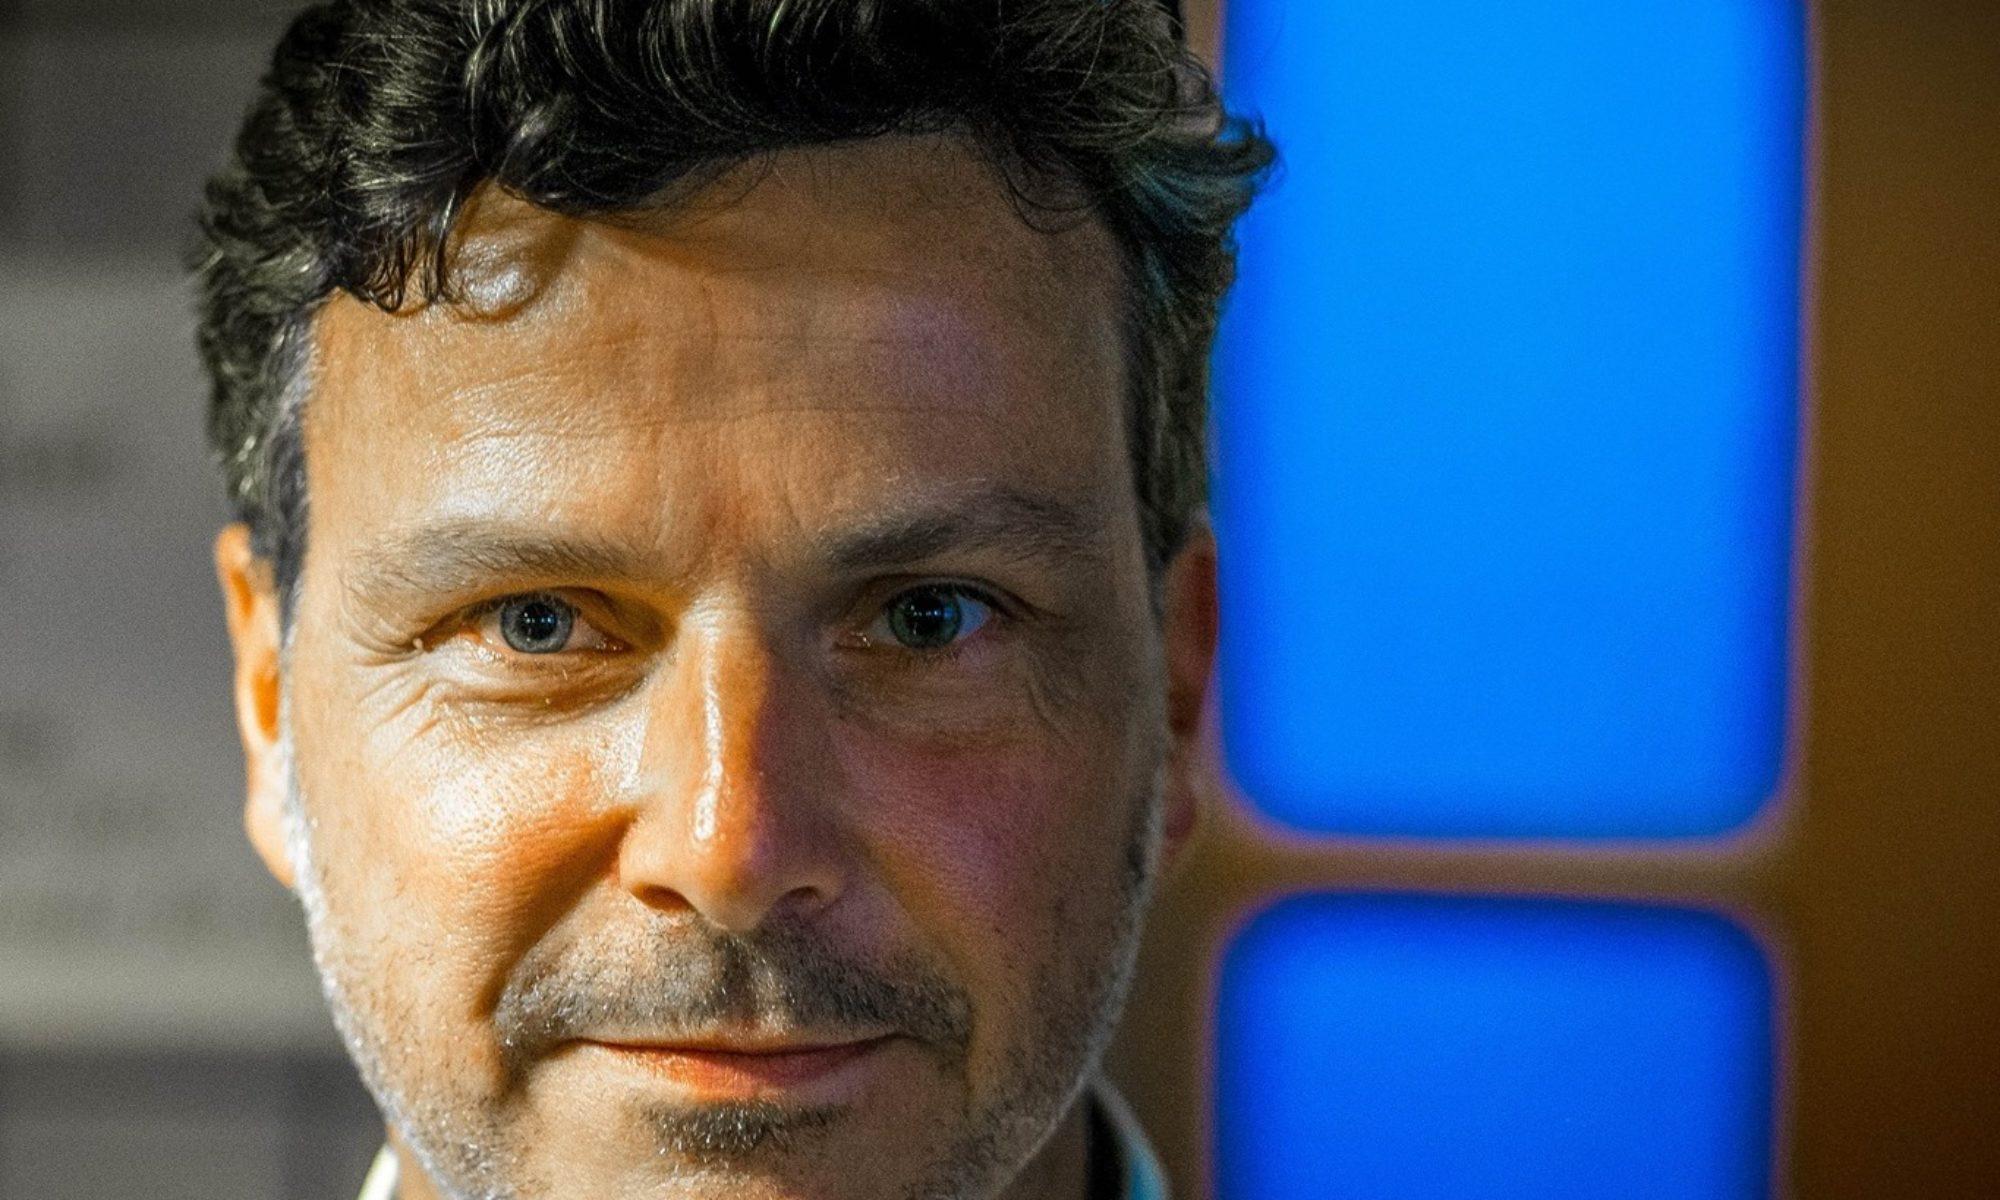 Dr. Thilo Scholpp